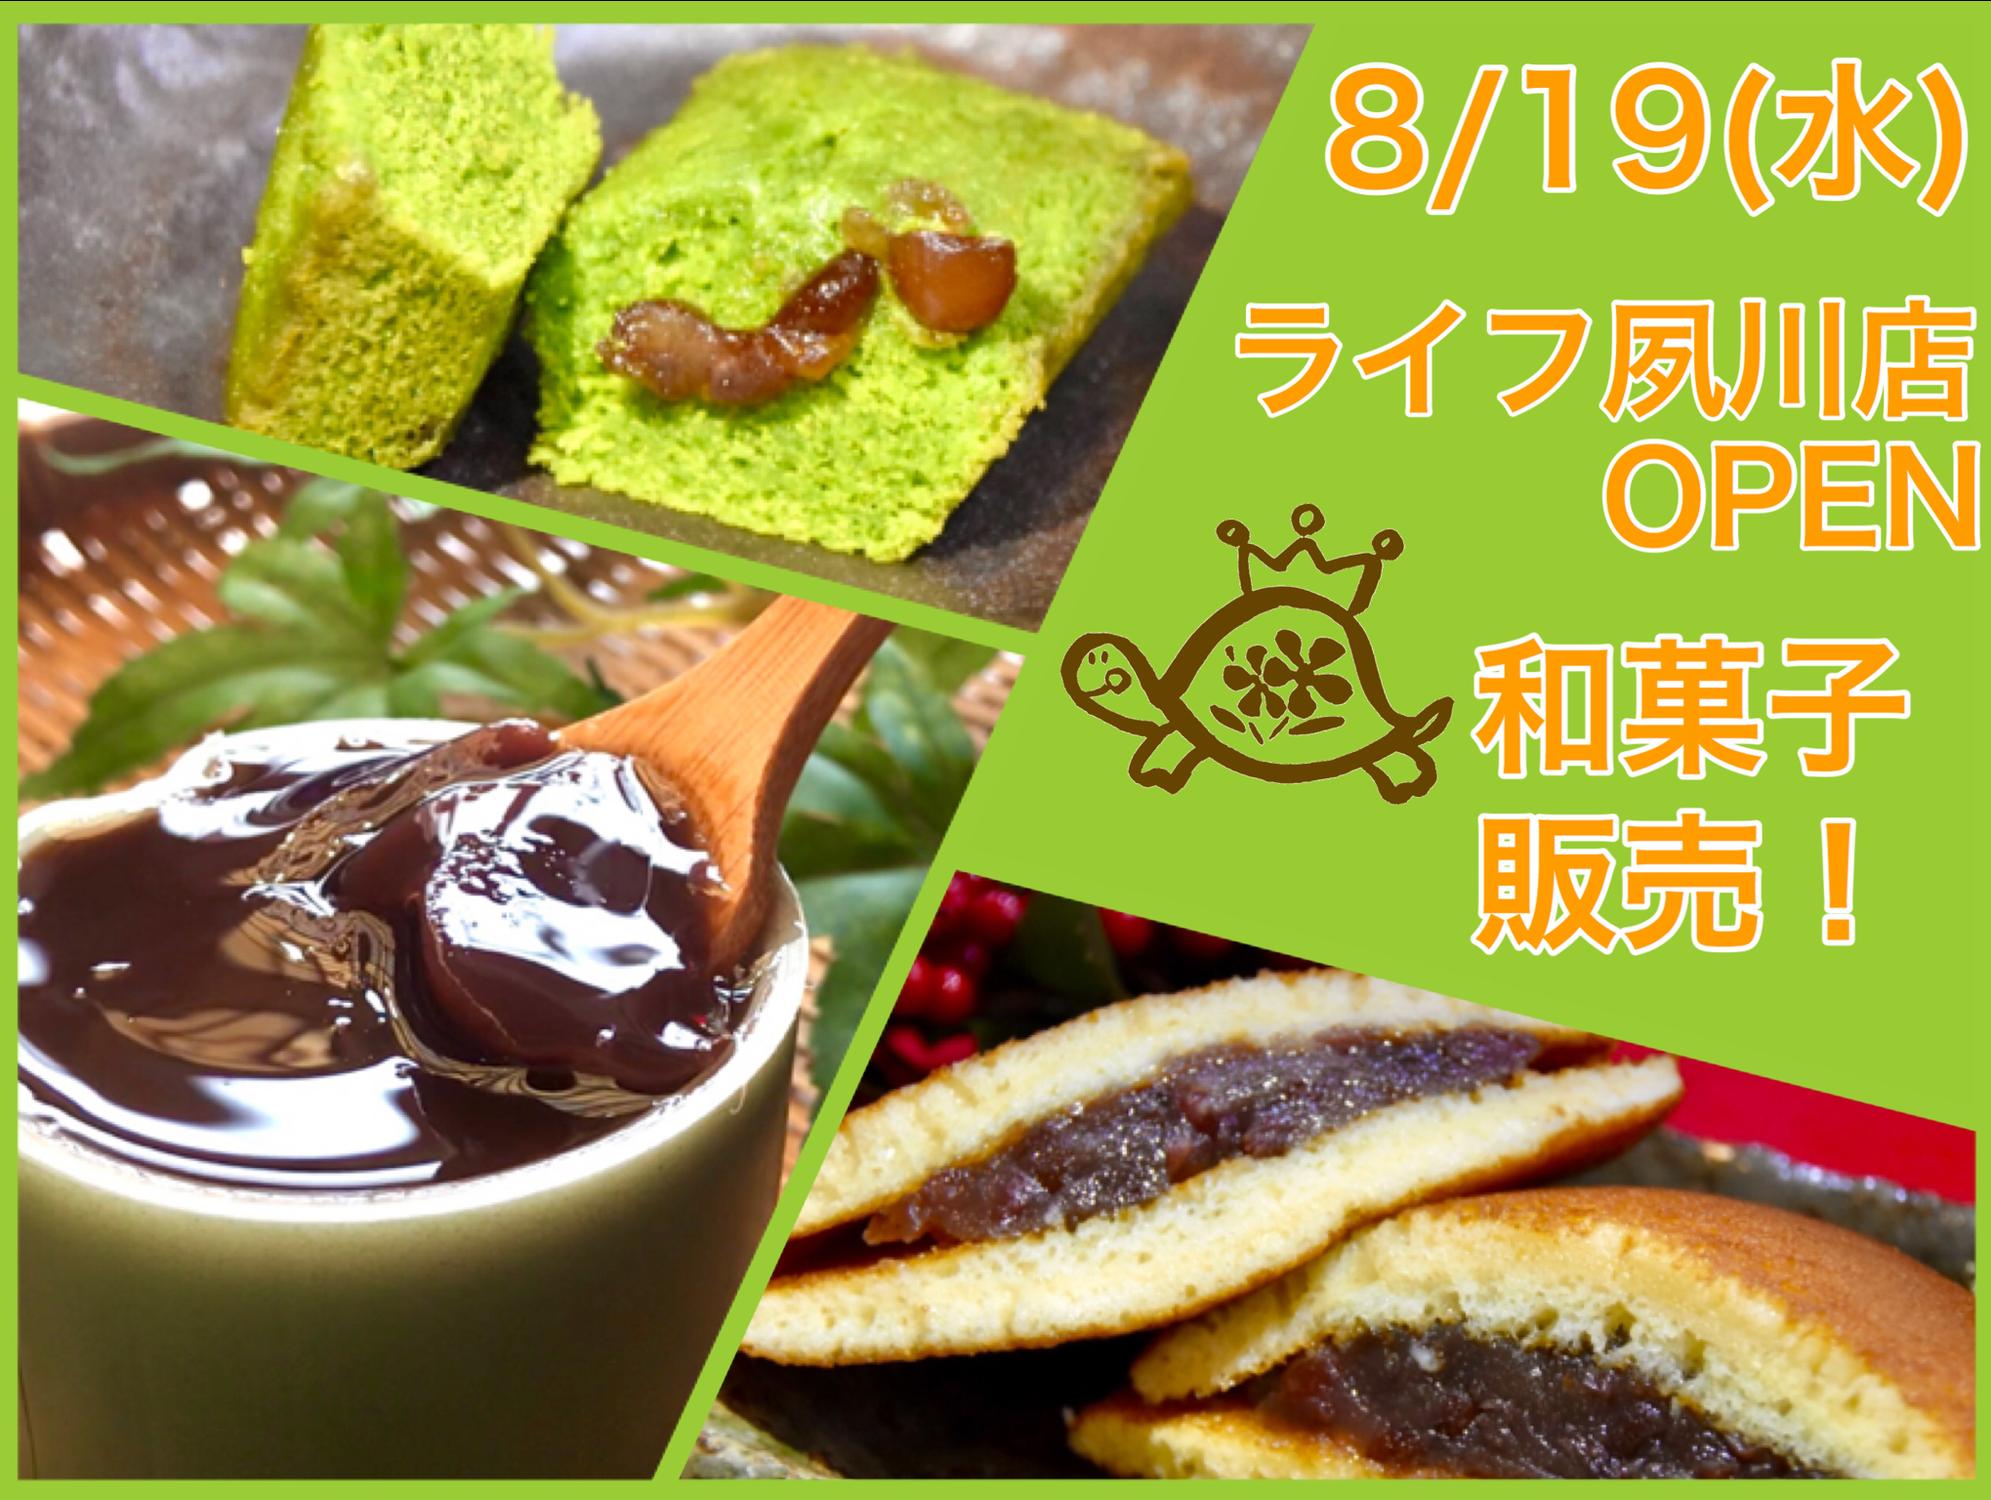 【8/19(水)】ライフ夙川店に寶屋遊亀の和菓子が登場!